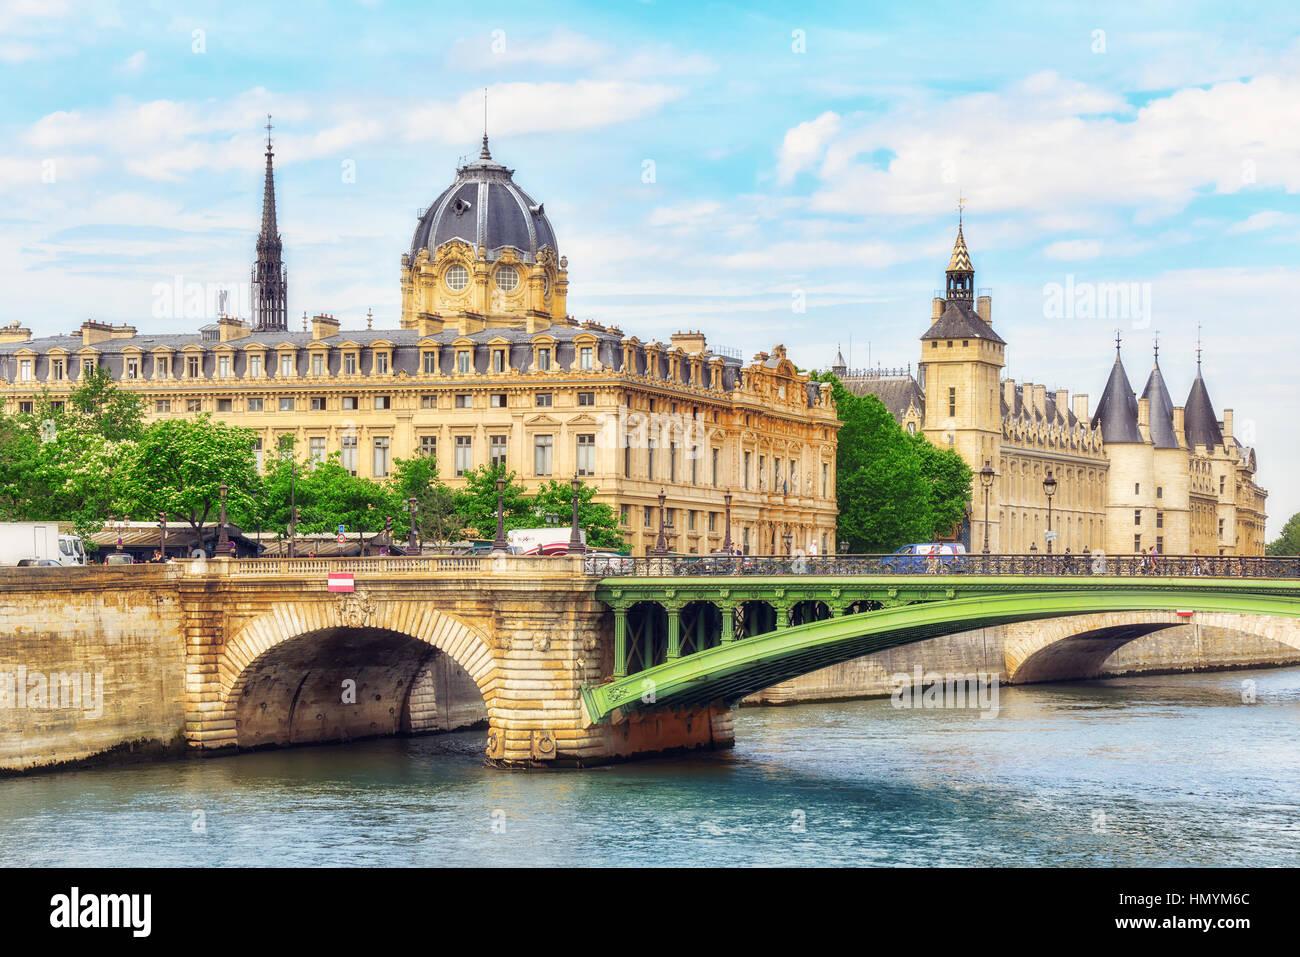 PARIS, FRANCE - JULY 08, 2016 : Castle - Prison Concierges and Exchange Bridge on the Seine in Paris. France. - Stock Image